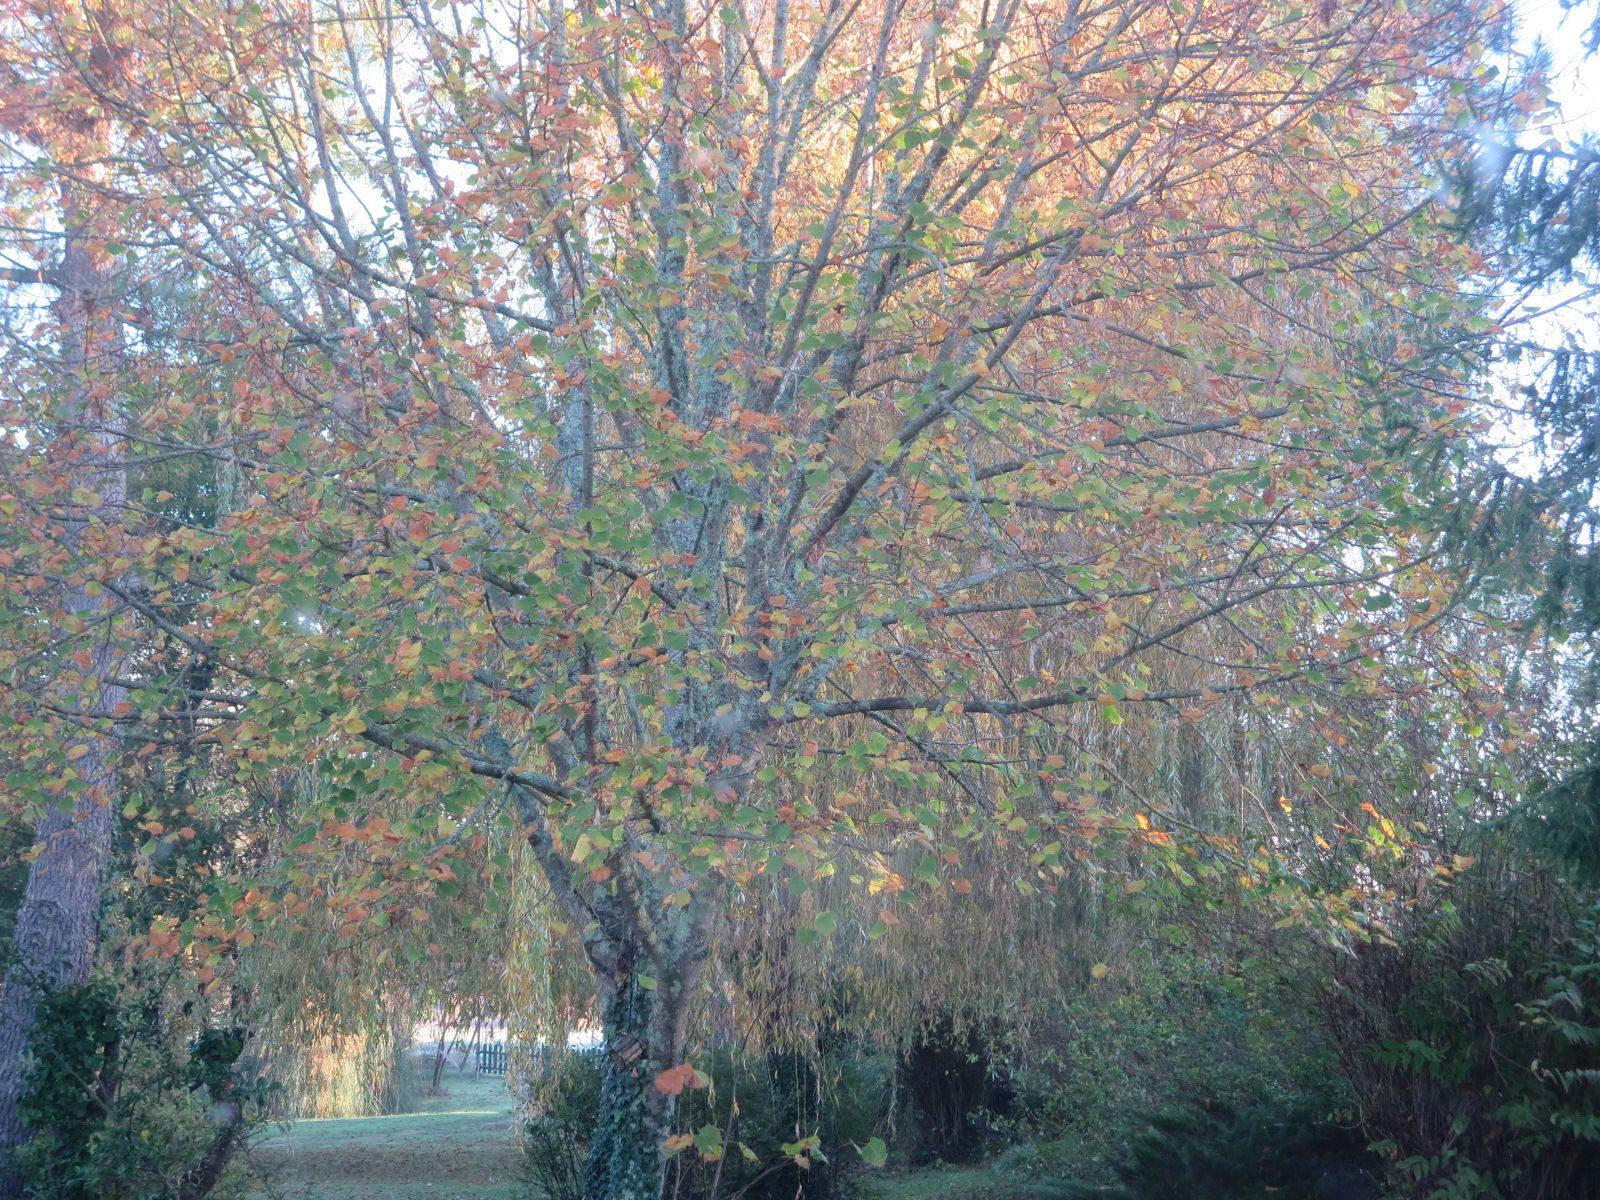 Les couleurs de l'automne n'ont pas duré longtemps ; les tardifs s'accrochent aux verts alors que les autres se colorent. La plus part, ont perdu toutes leurs feuilles, rapidement emportées par les pluies et le vent.